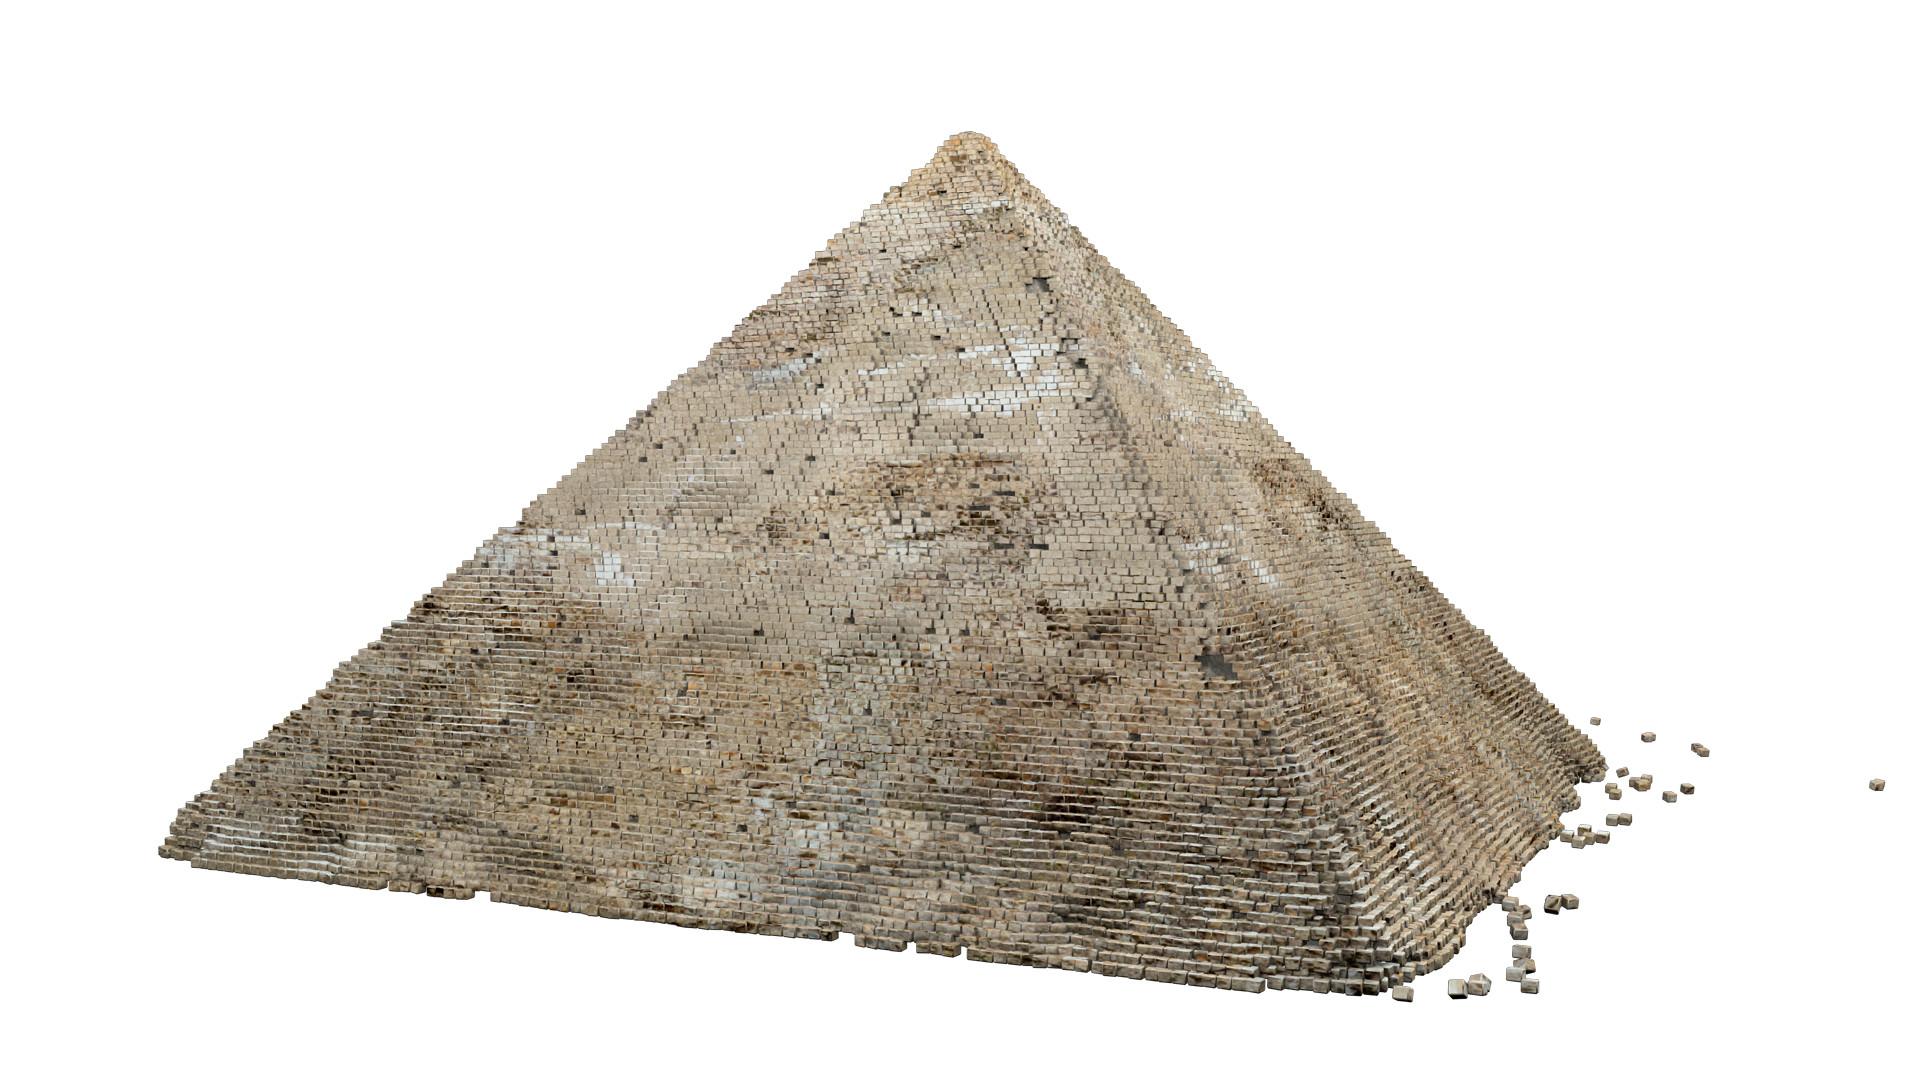 Alan kichl pyramid